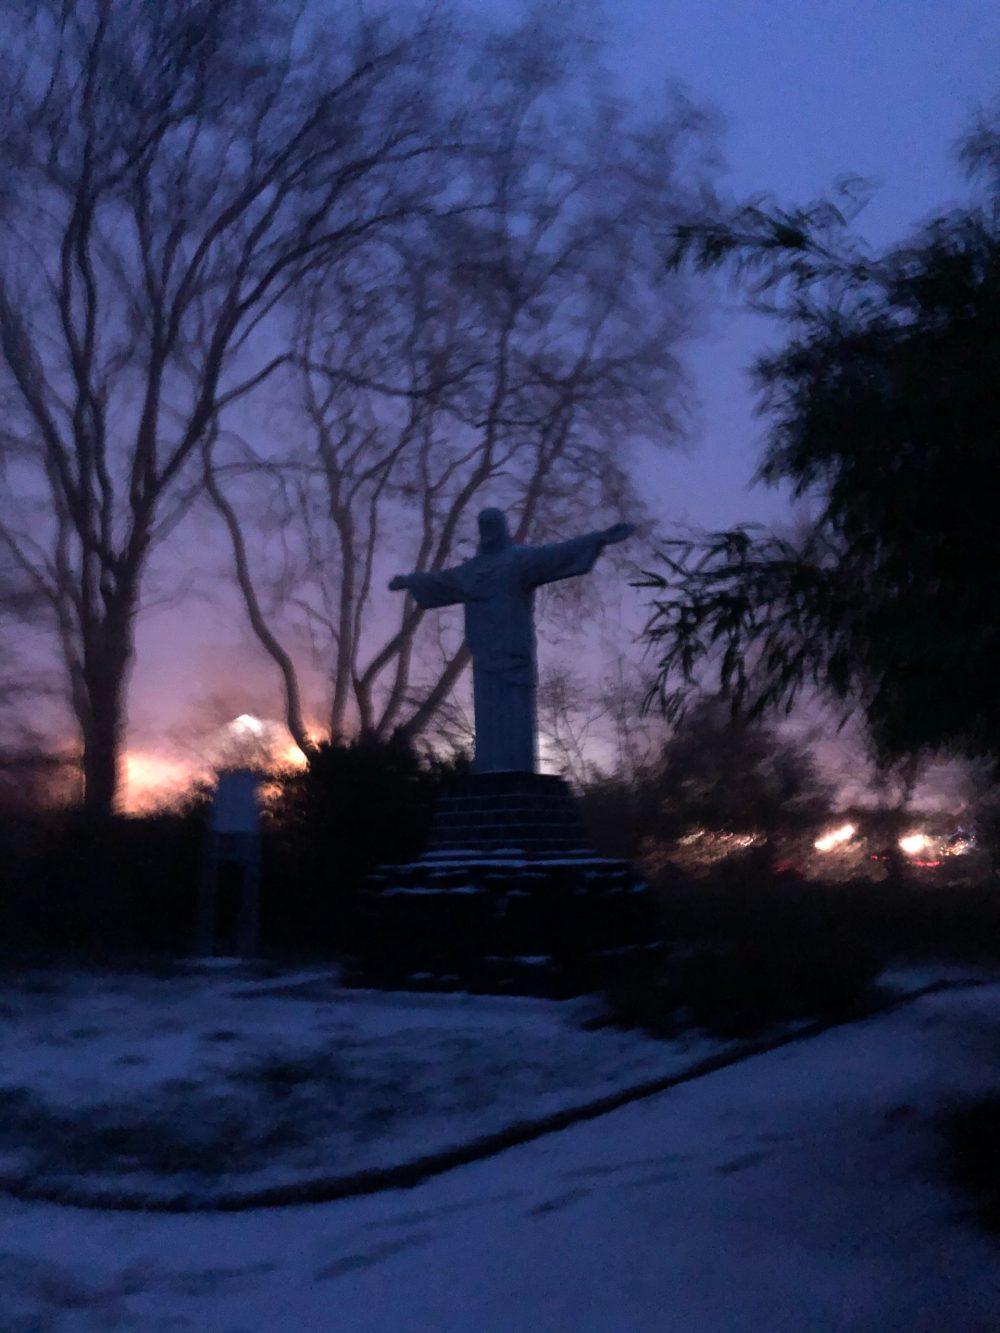 Christus Statue im Licht der Dämmerung im Blumengarten